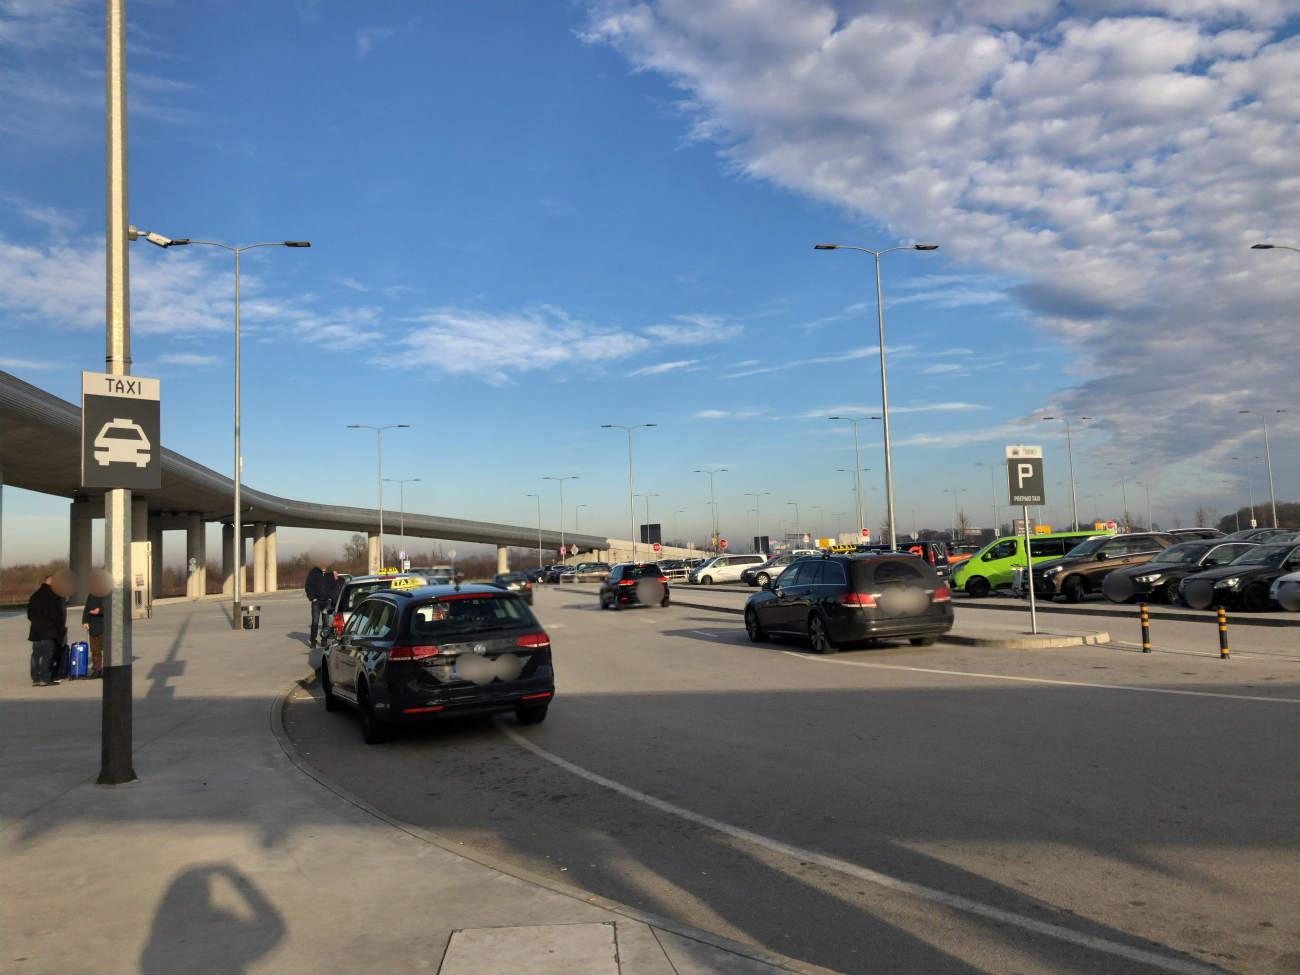 ザグレブ空港のタクシー乗り場